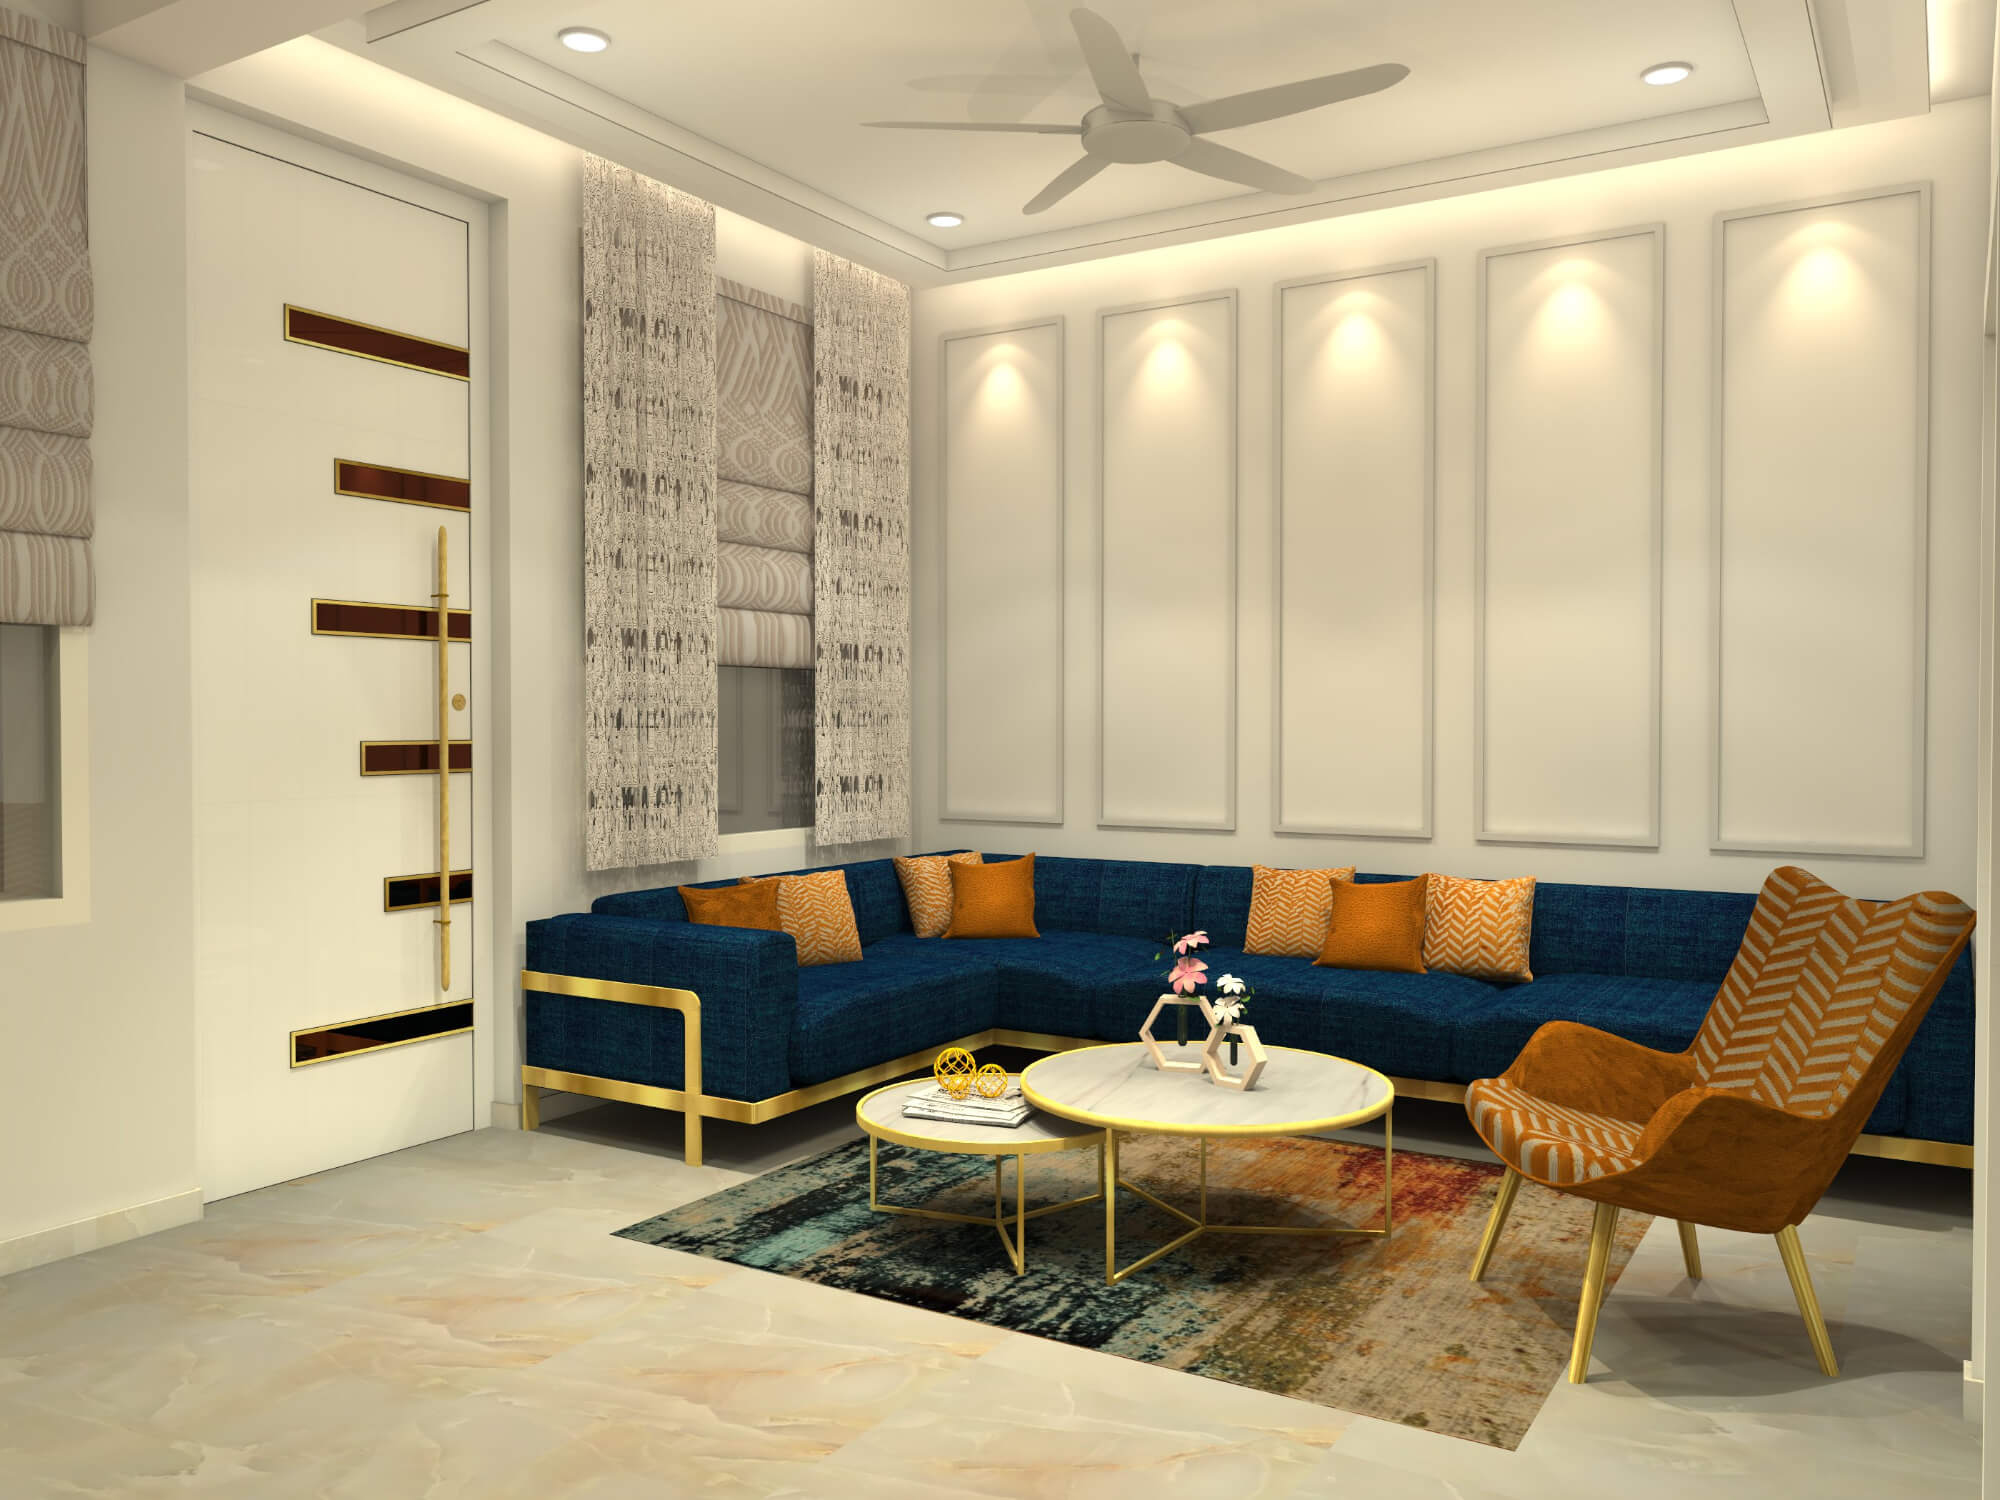 Catalyst - Sahiba's Designer Studio - Best Interior Designer In Jaipur - Projects